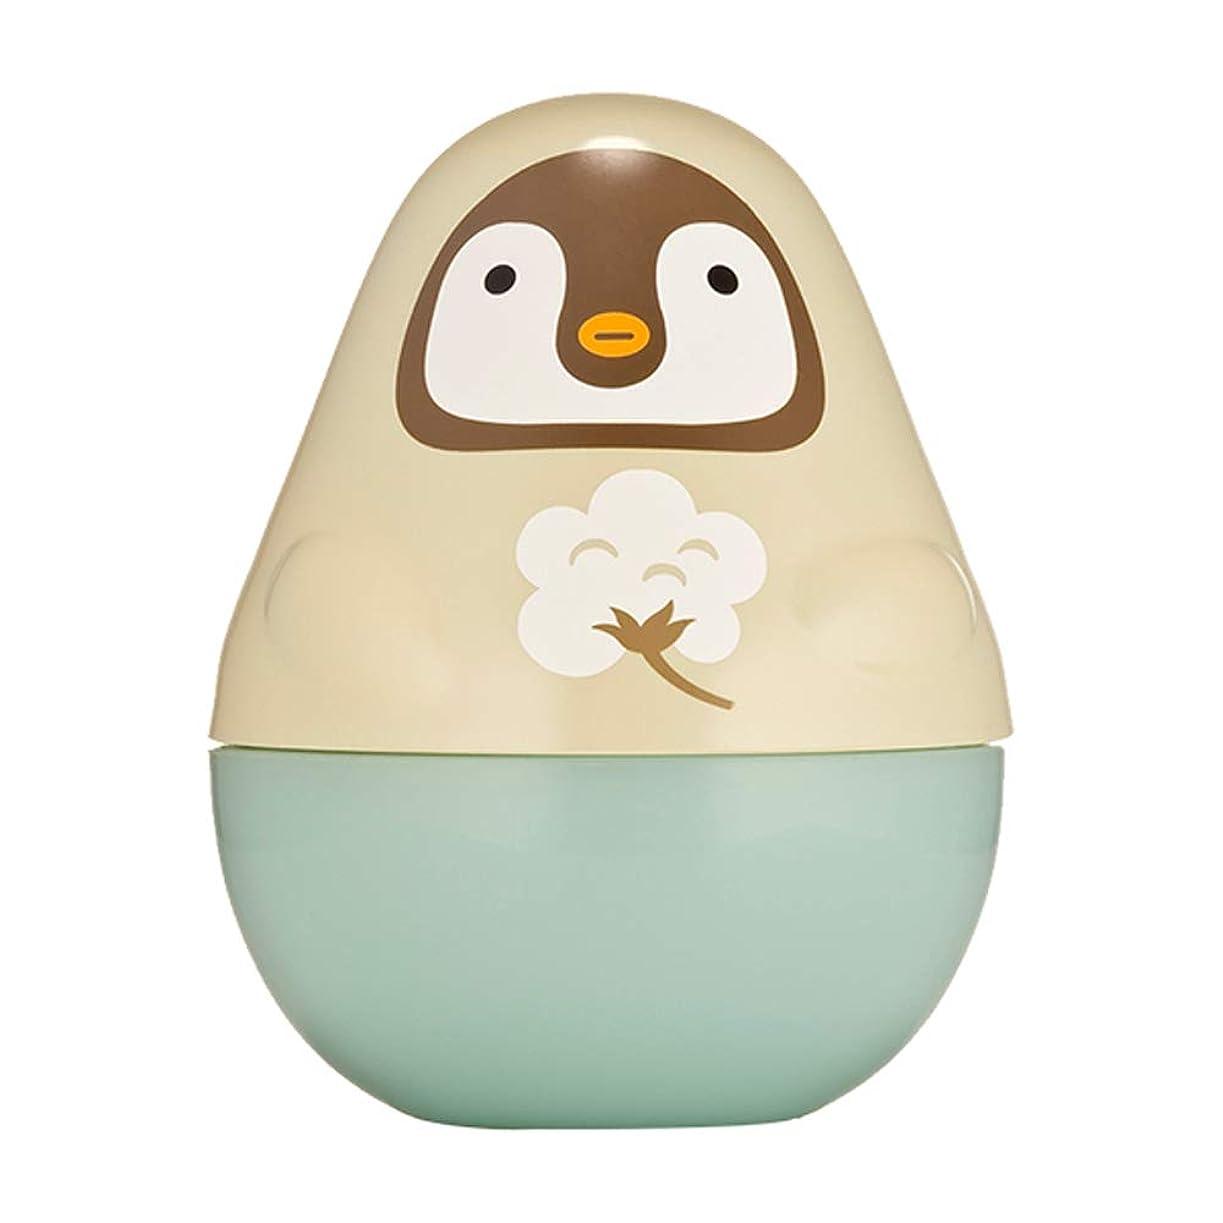 引退した滞在狂信者エチュードハウス(ETUDE HOUSE) ミッシングユー ハンドクリーム ペンギン(ベビーパウダーの香り)